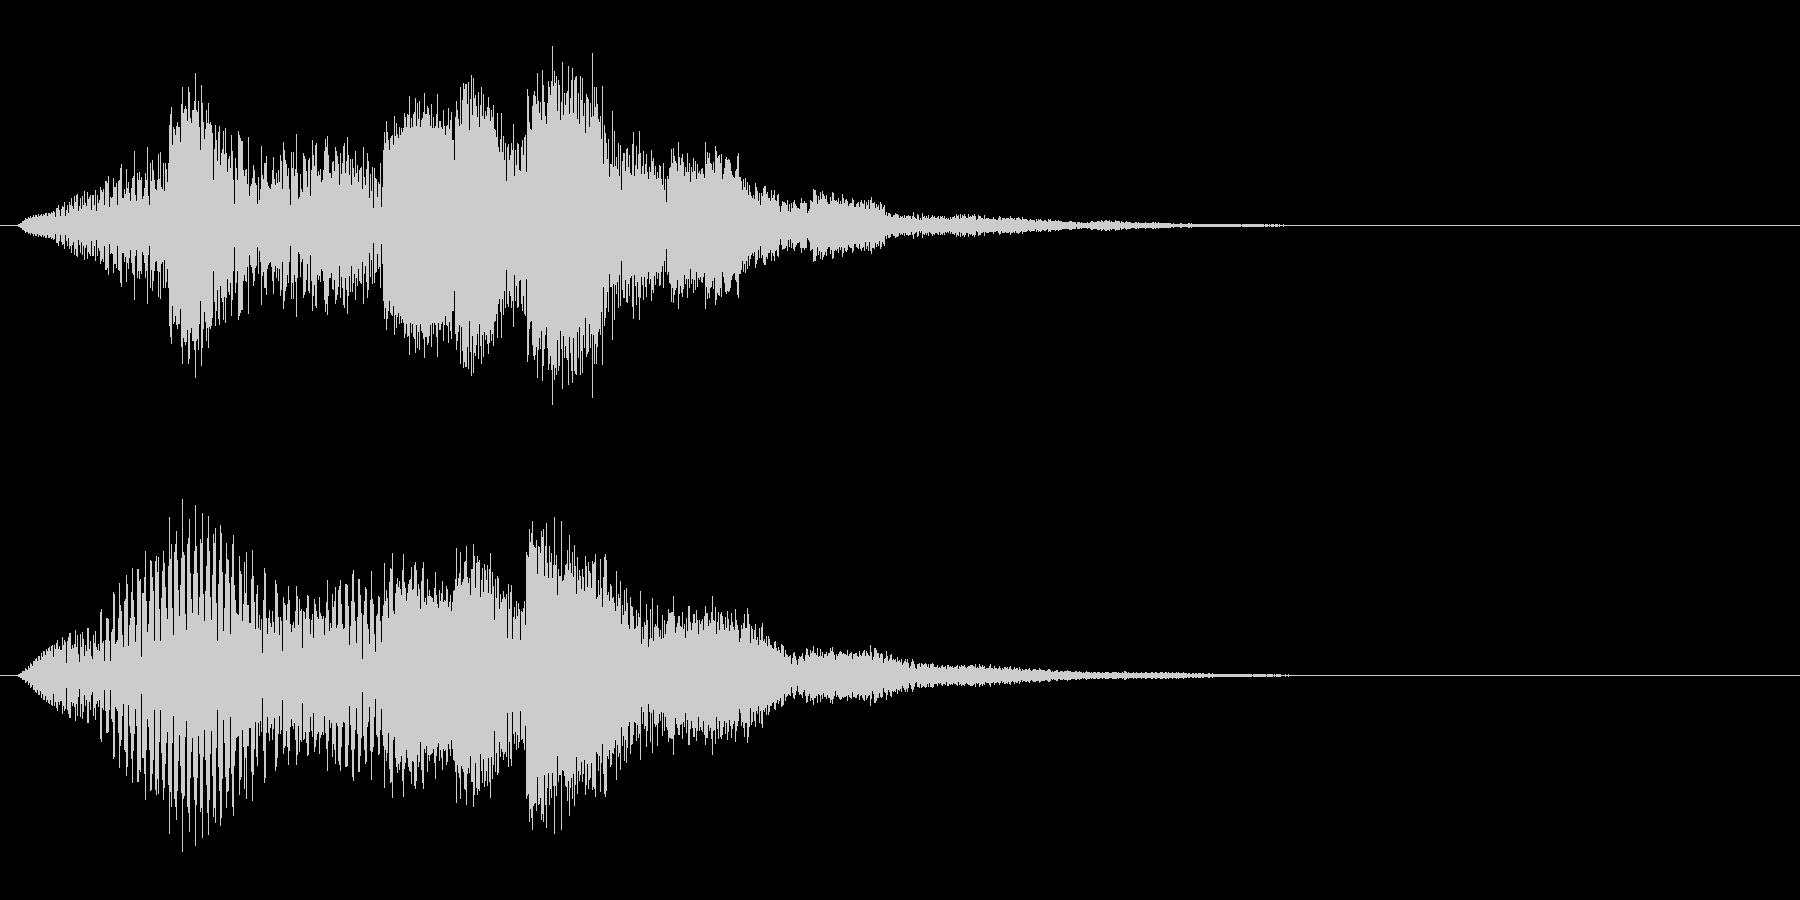 スンチャンチャンチャララ(セーブの音)の未再生の波形